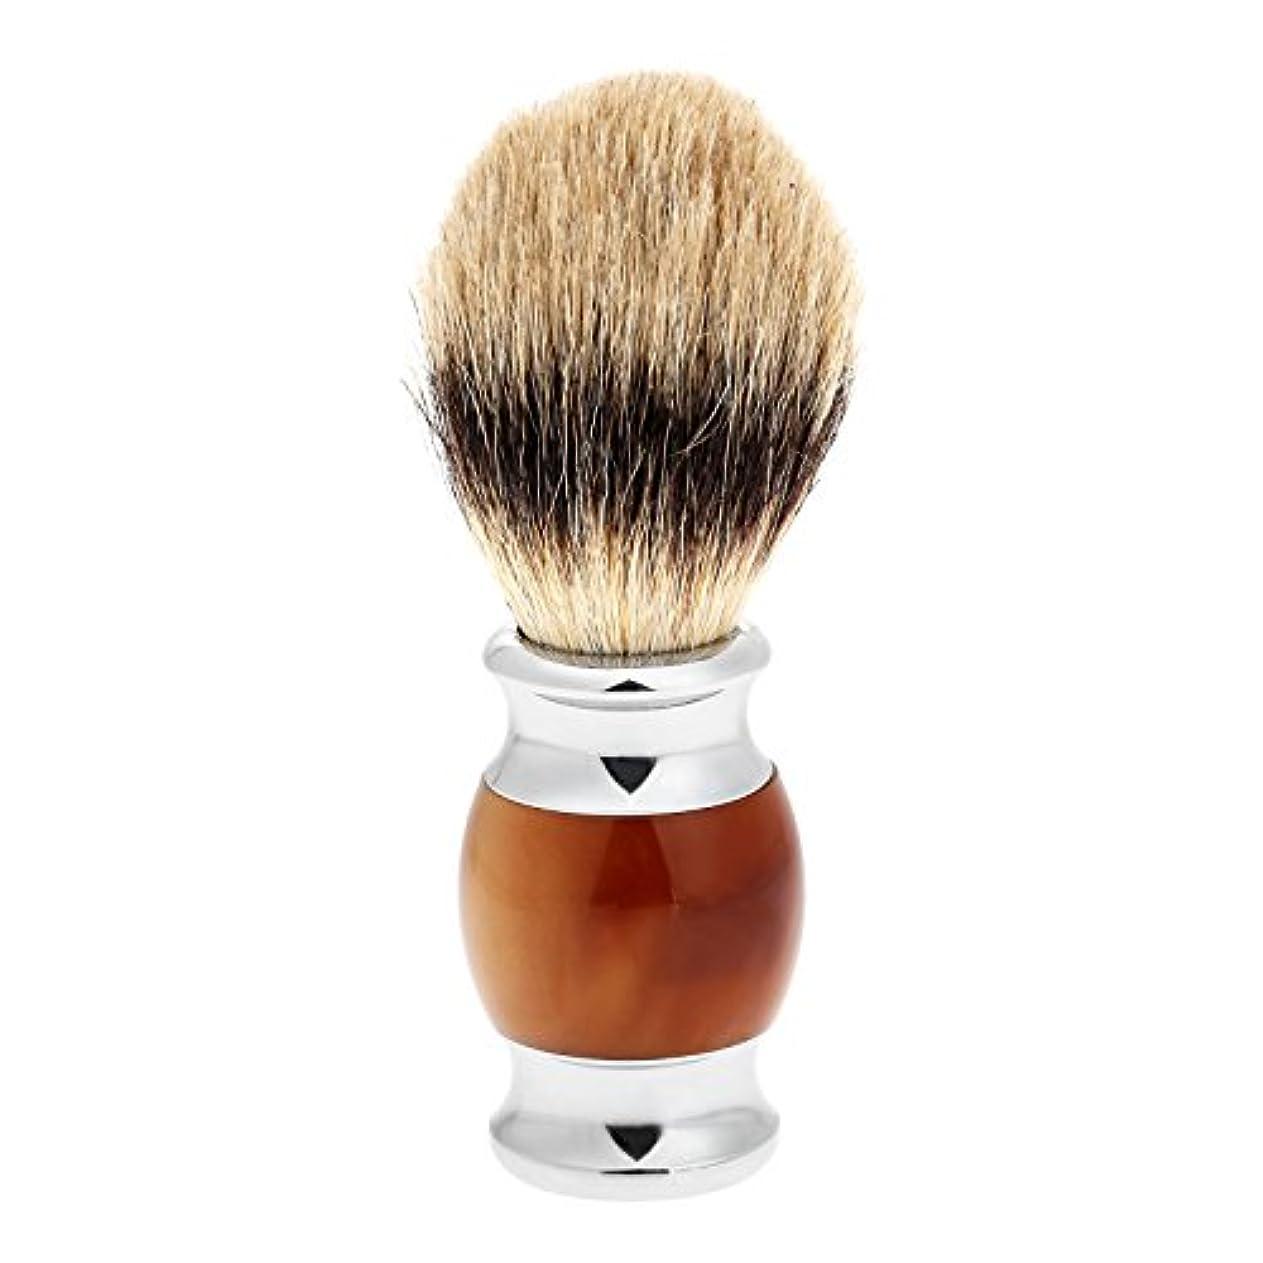 嫌がらせ策定するスティック1PC メンズ ひげブラシ アナグマ毛 シェービングブラシ バーバー シェービング用ブラシ 理容 洗顔 髭剃り